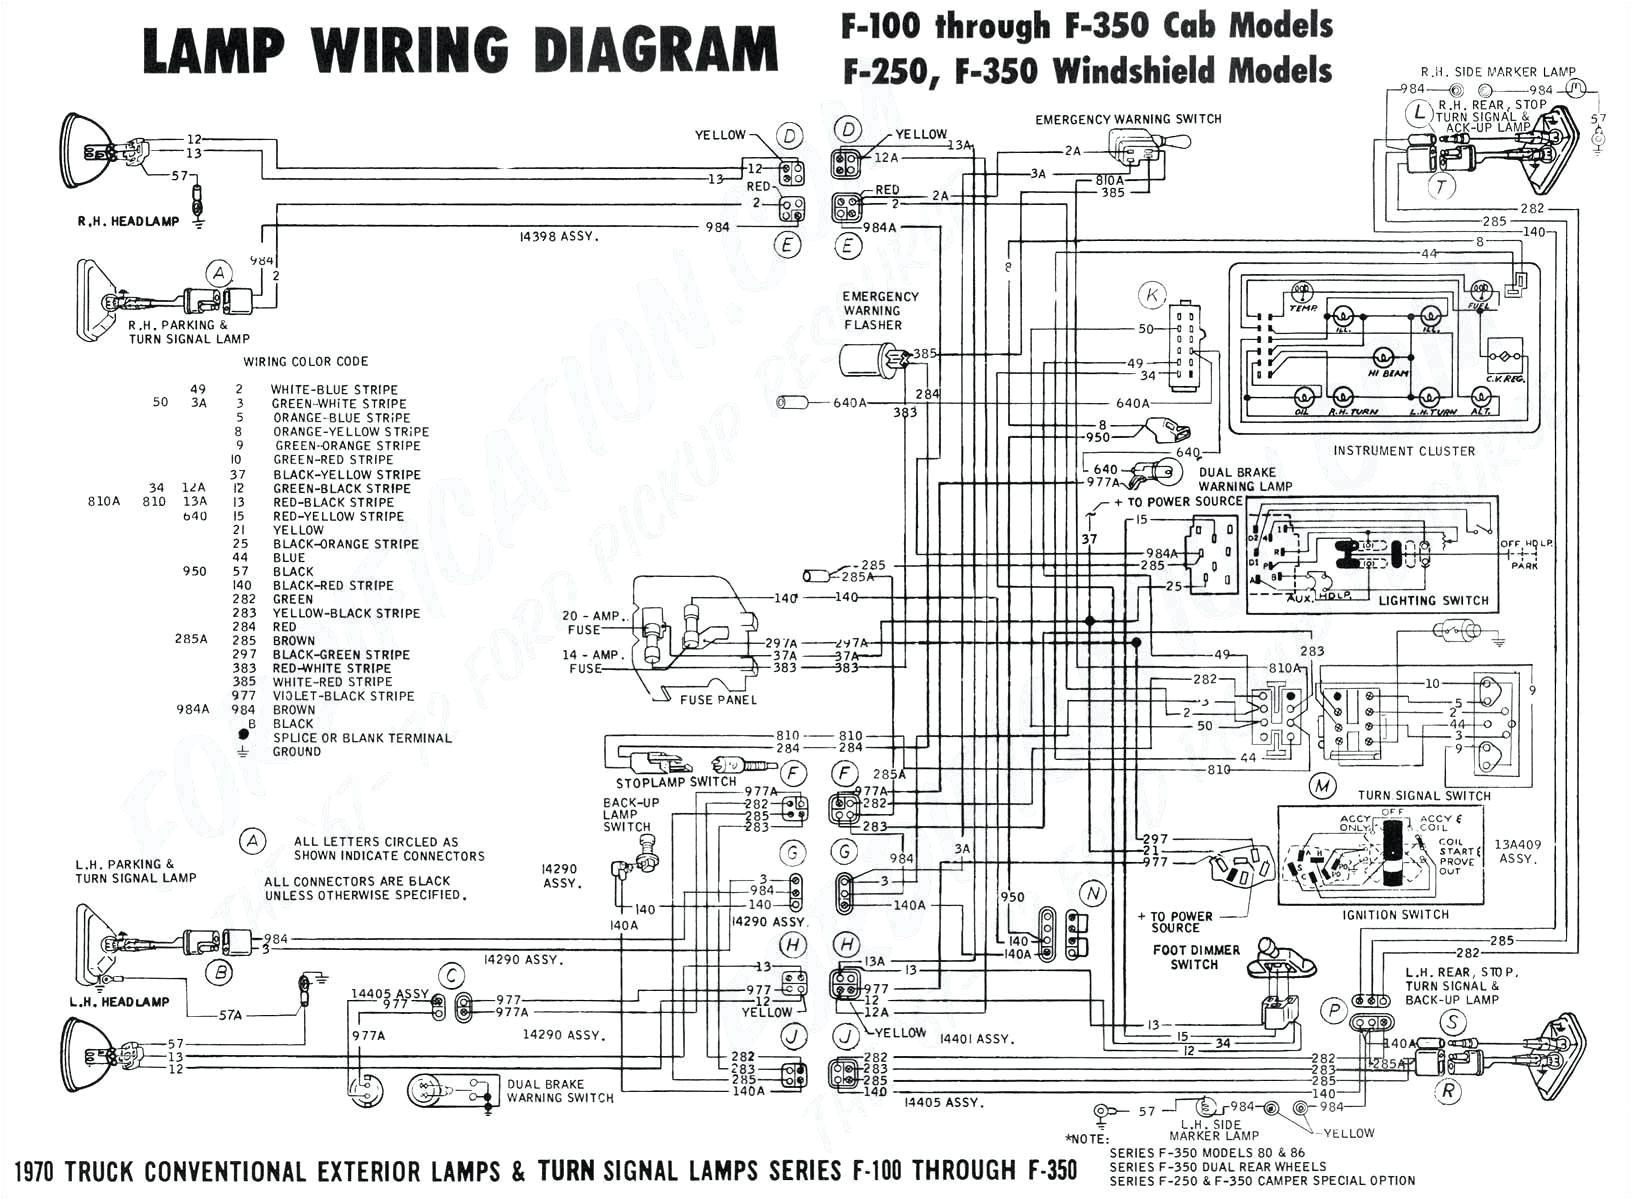 Backup Alarm Wiring Diagram 1845c Wiring Diagram Back Up Alarm Wiring Diagram Sheet